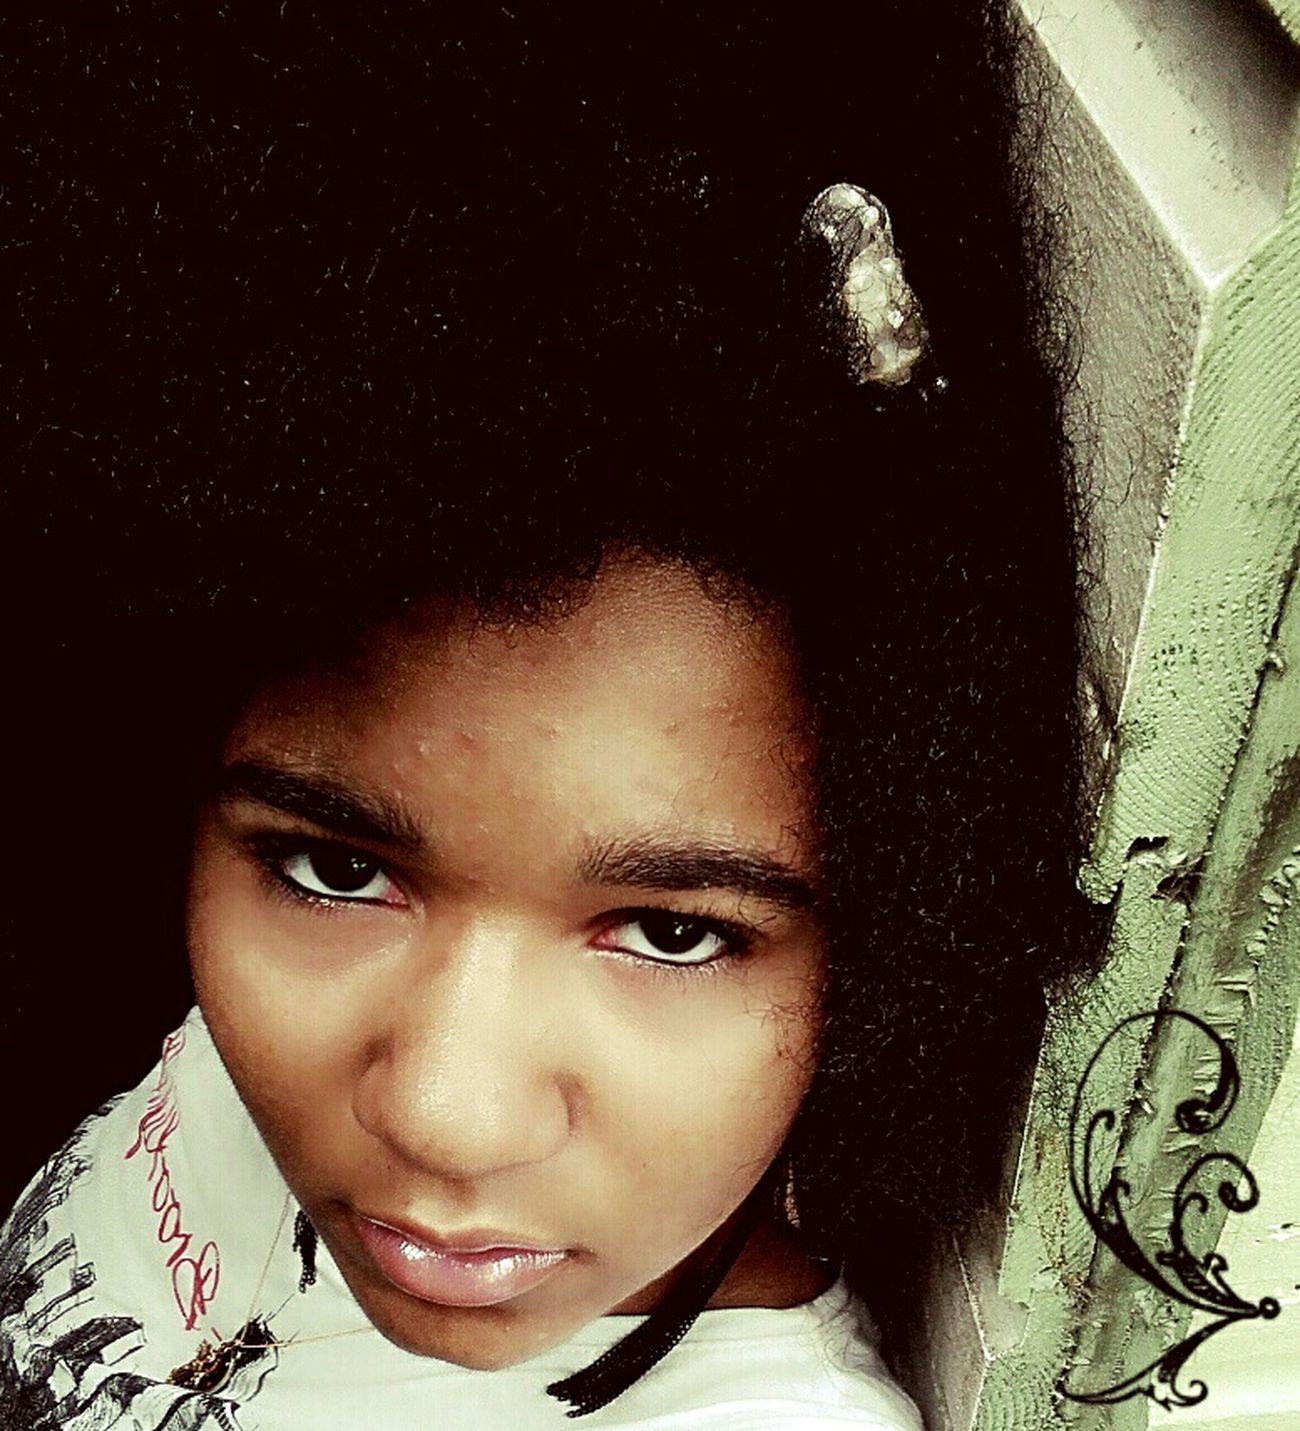 Beautifulandyounggirl Lightmakeup Selfie Nohairdressing